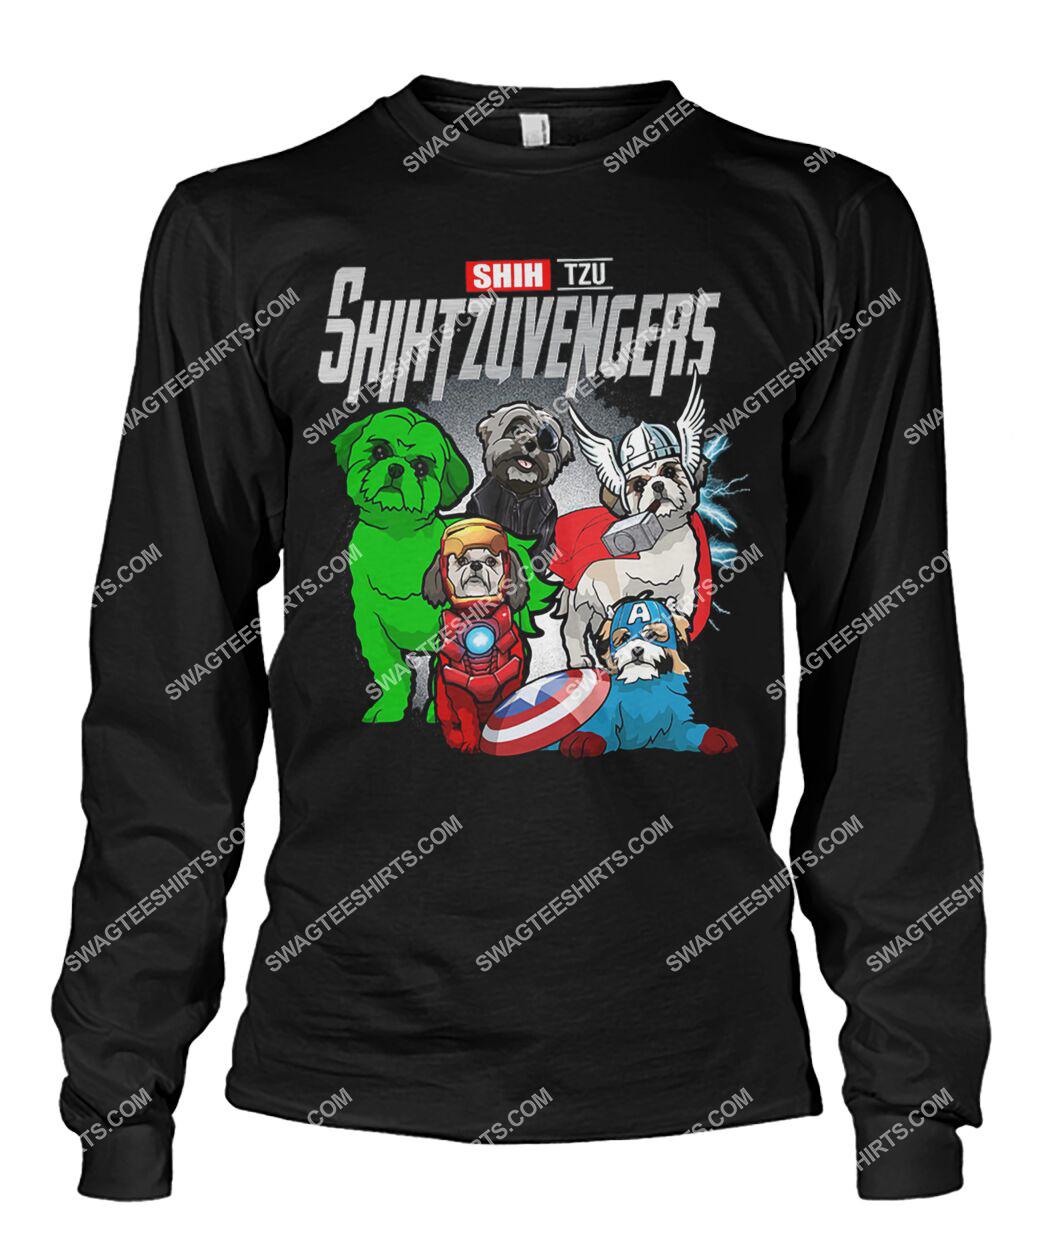 shih tzu shihtzuvengers marvel avengers dogs lover sweatshirt 1